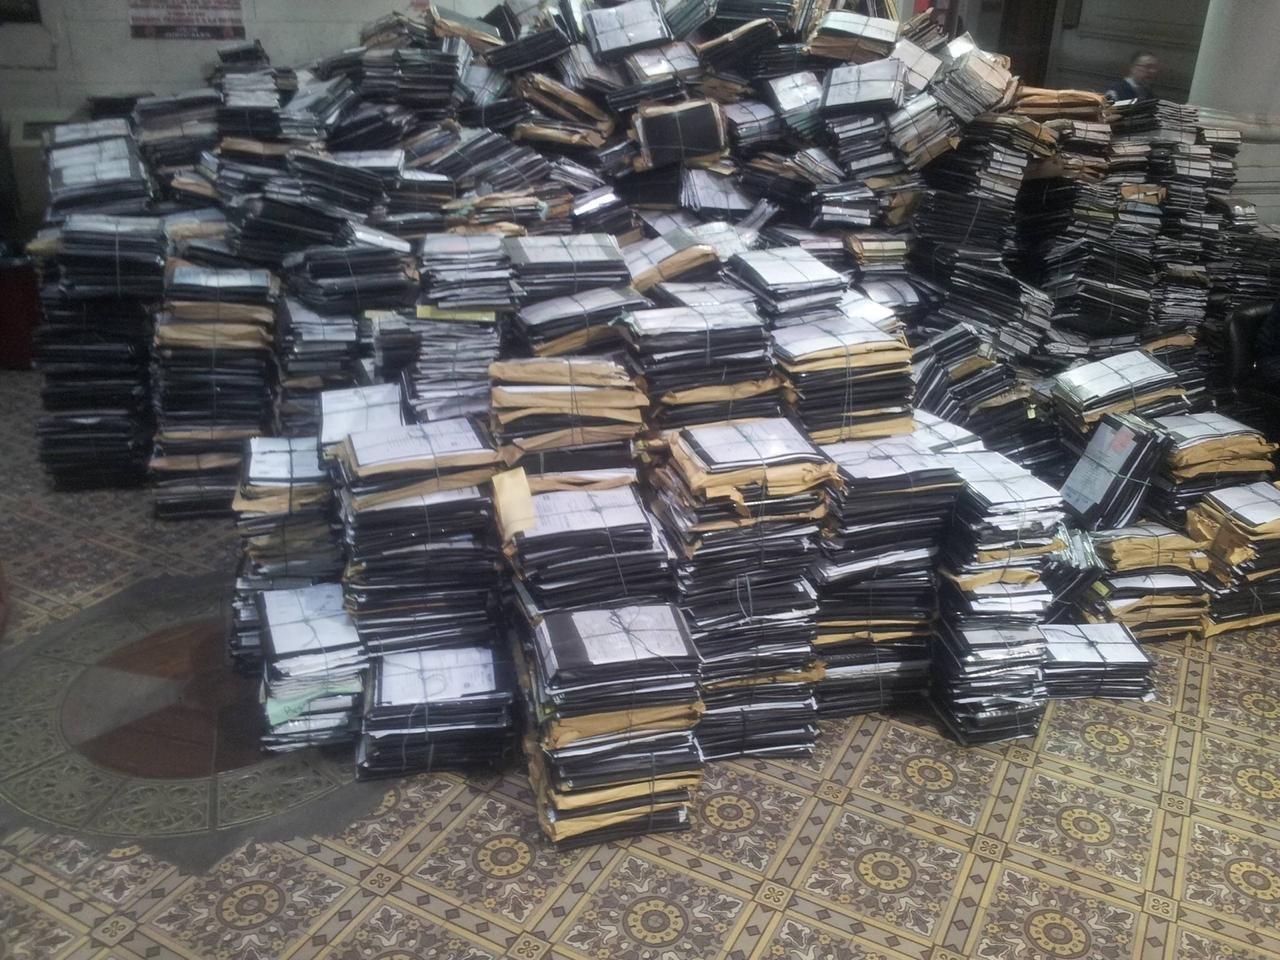 Documentos apilados en el suelo, todo un desastre en el edificio de la Cámara Federal de Casación Penal de Buenos Aires, Argentina